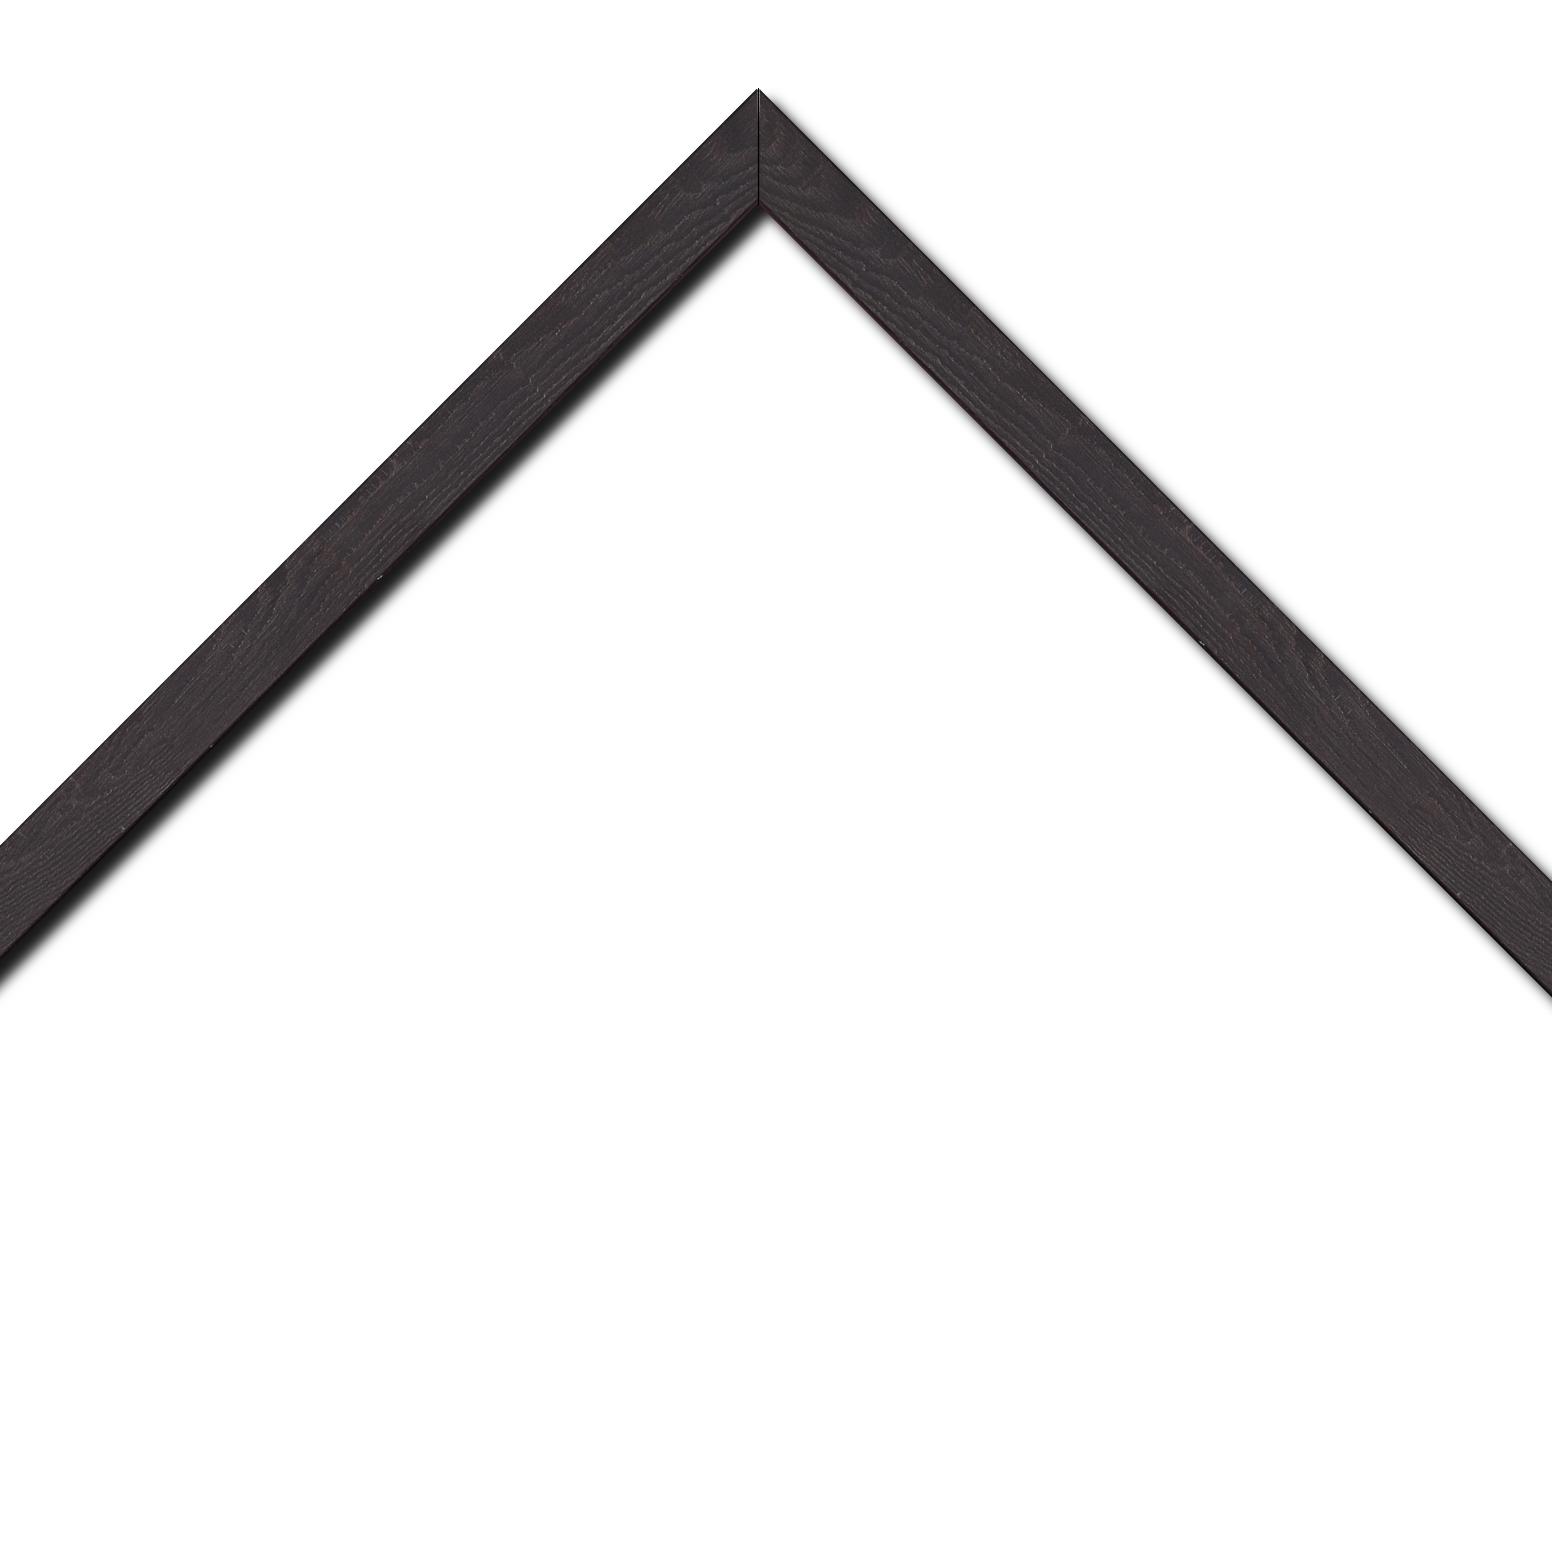 Baguette bois profil plat largeur 2cm décor bois wengé foncé